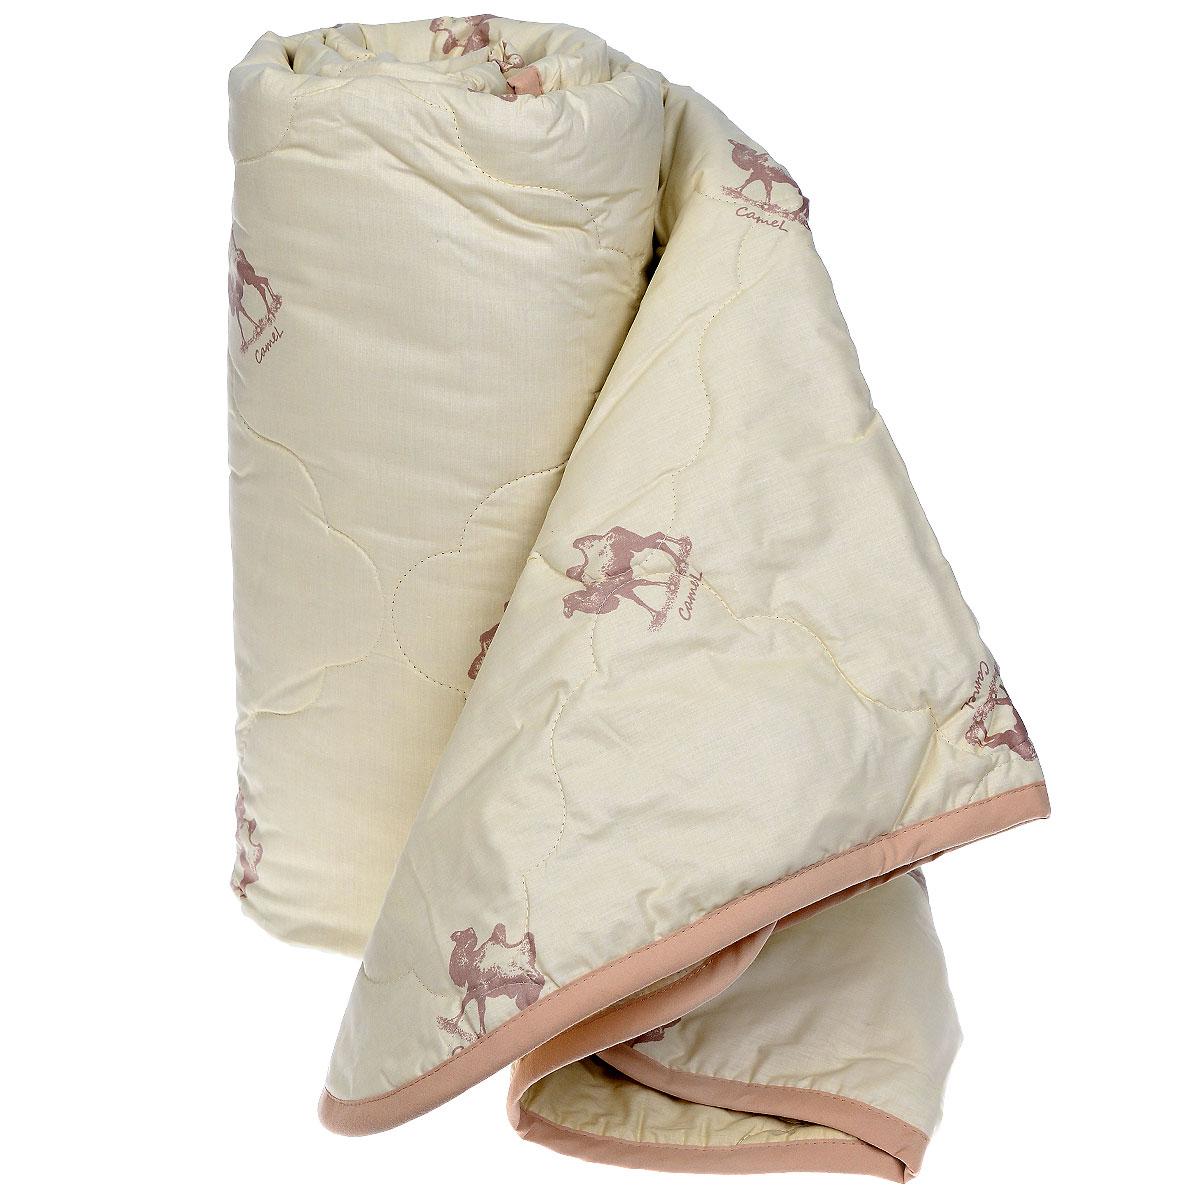 Одеяло Sova & Javoronok, наполнитель: верблюжья шерсть, цвет: бежевый, 200 см х 220 см05030116085Чехол одеяла Sova & Javoronok выполнен из высококачественного плотного материала тик (100% хлопок). Наполнитель одеяла изготовлен из верблюжьей шерсти. Стежка надежно удерживает наполнитель внутри и не позволяет ему скатываться. Особенности наполнителя: - исключительные терморегулирующие свойства; - высокое качество прочеса и промывки шерсти; - великолепные ощущения комфорта и уюта. Верблюжья шерсть обладает целебными качествами, содержит наиболее высокий процент ланолина (животного воска), который является природным антисептиком и благоприятно воздействует на организм по целому ряду показателей: оказывает благотворное действие на мышцы, суставы, позвоночник, нормализует кровообращение, имеет профилактический эффект при заболевания опорно-двигательного аппарата. Кроме того, верблюжья шерсть антистатична. Шерсть верблюда сохраняет прохладу в период жаркого лета и удерживает тепло во время суровой зимы. Одеяло...